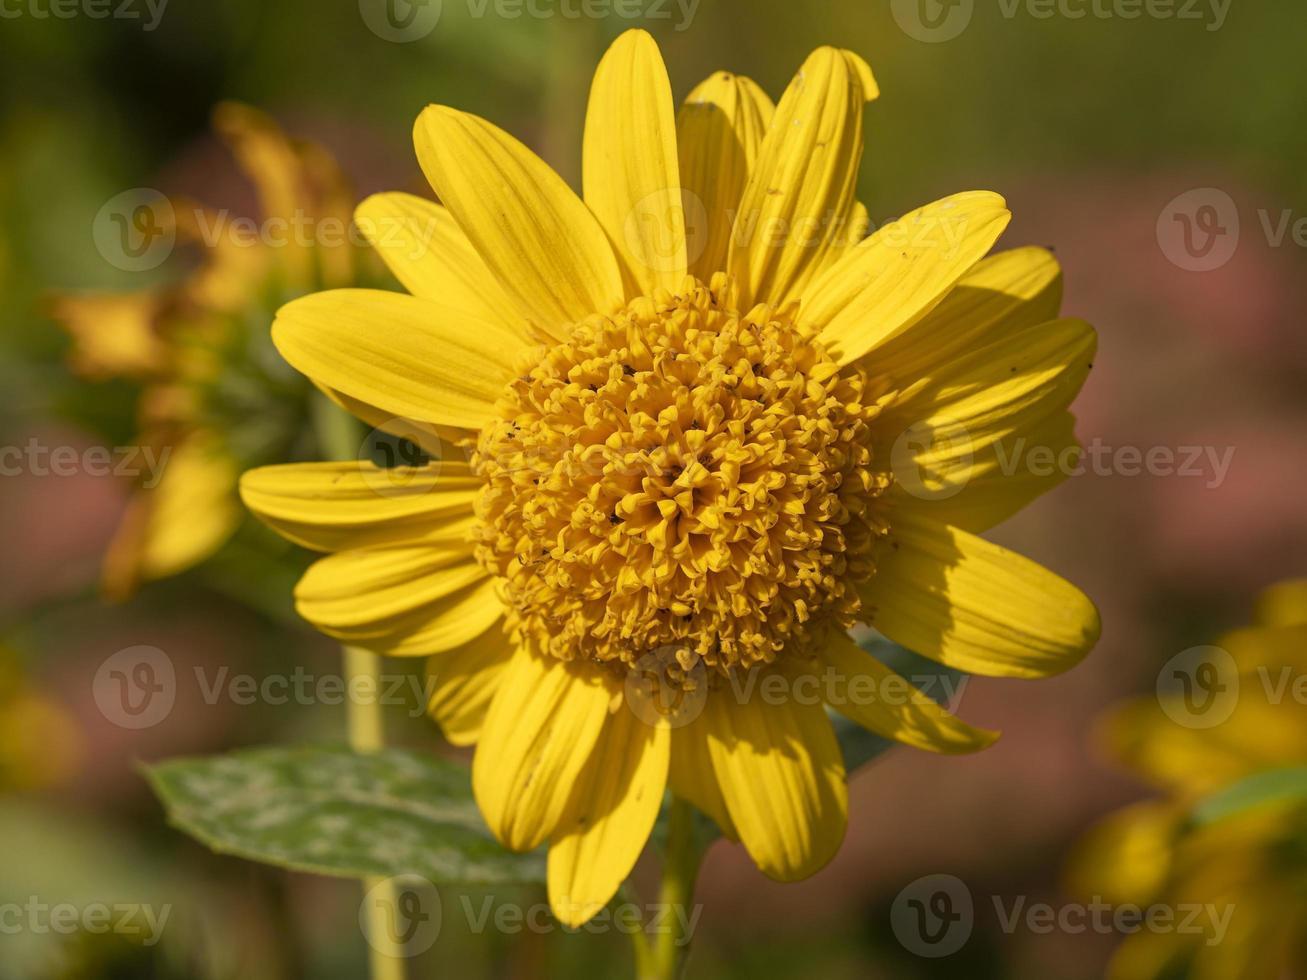 fiori gialli di Helianthus capenoch supreme foto